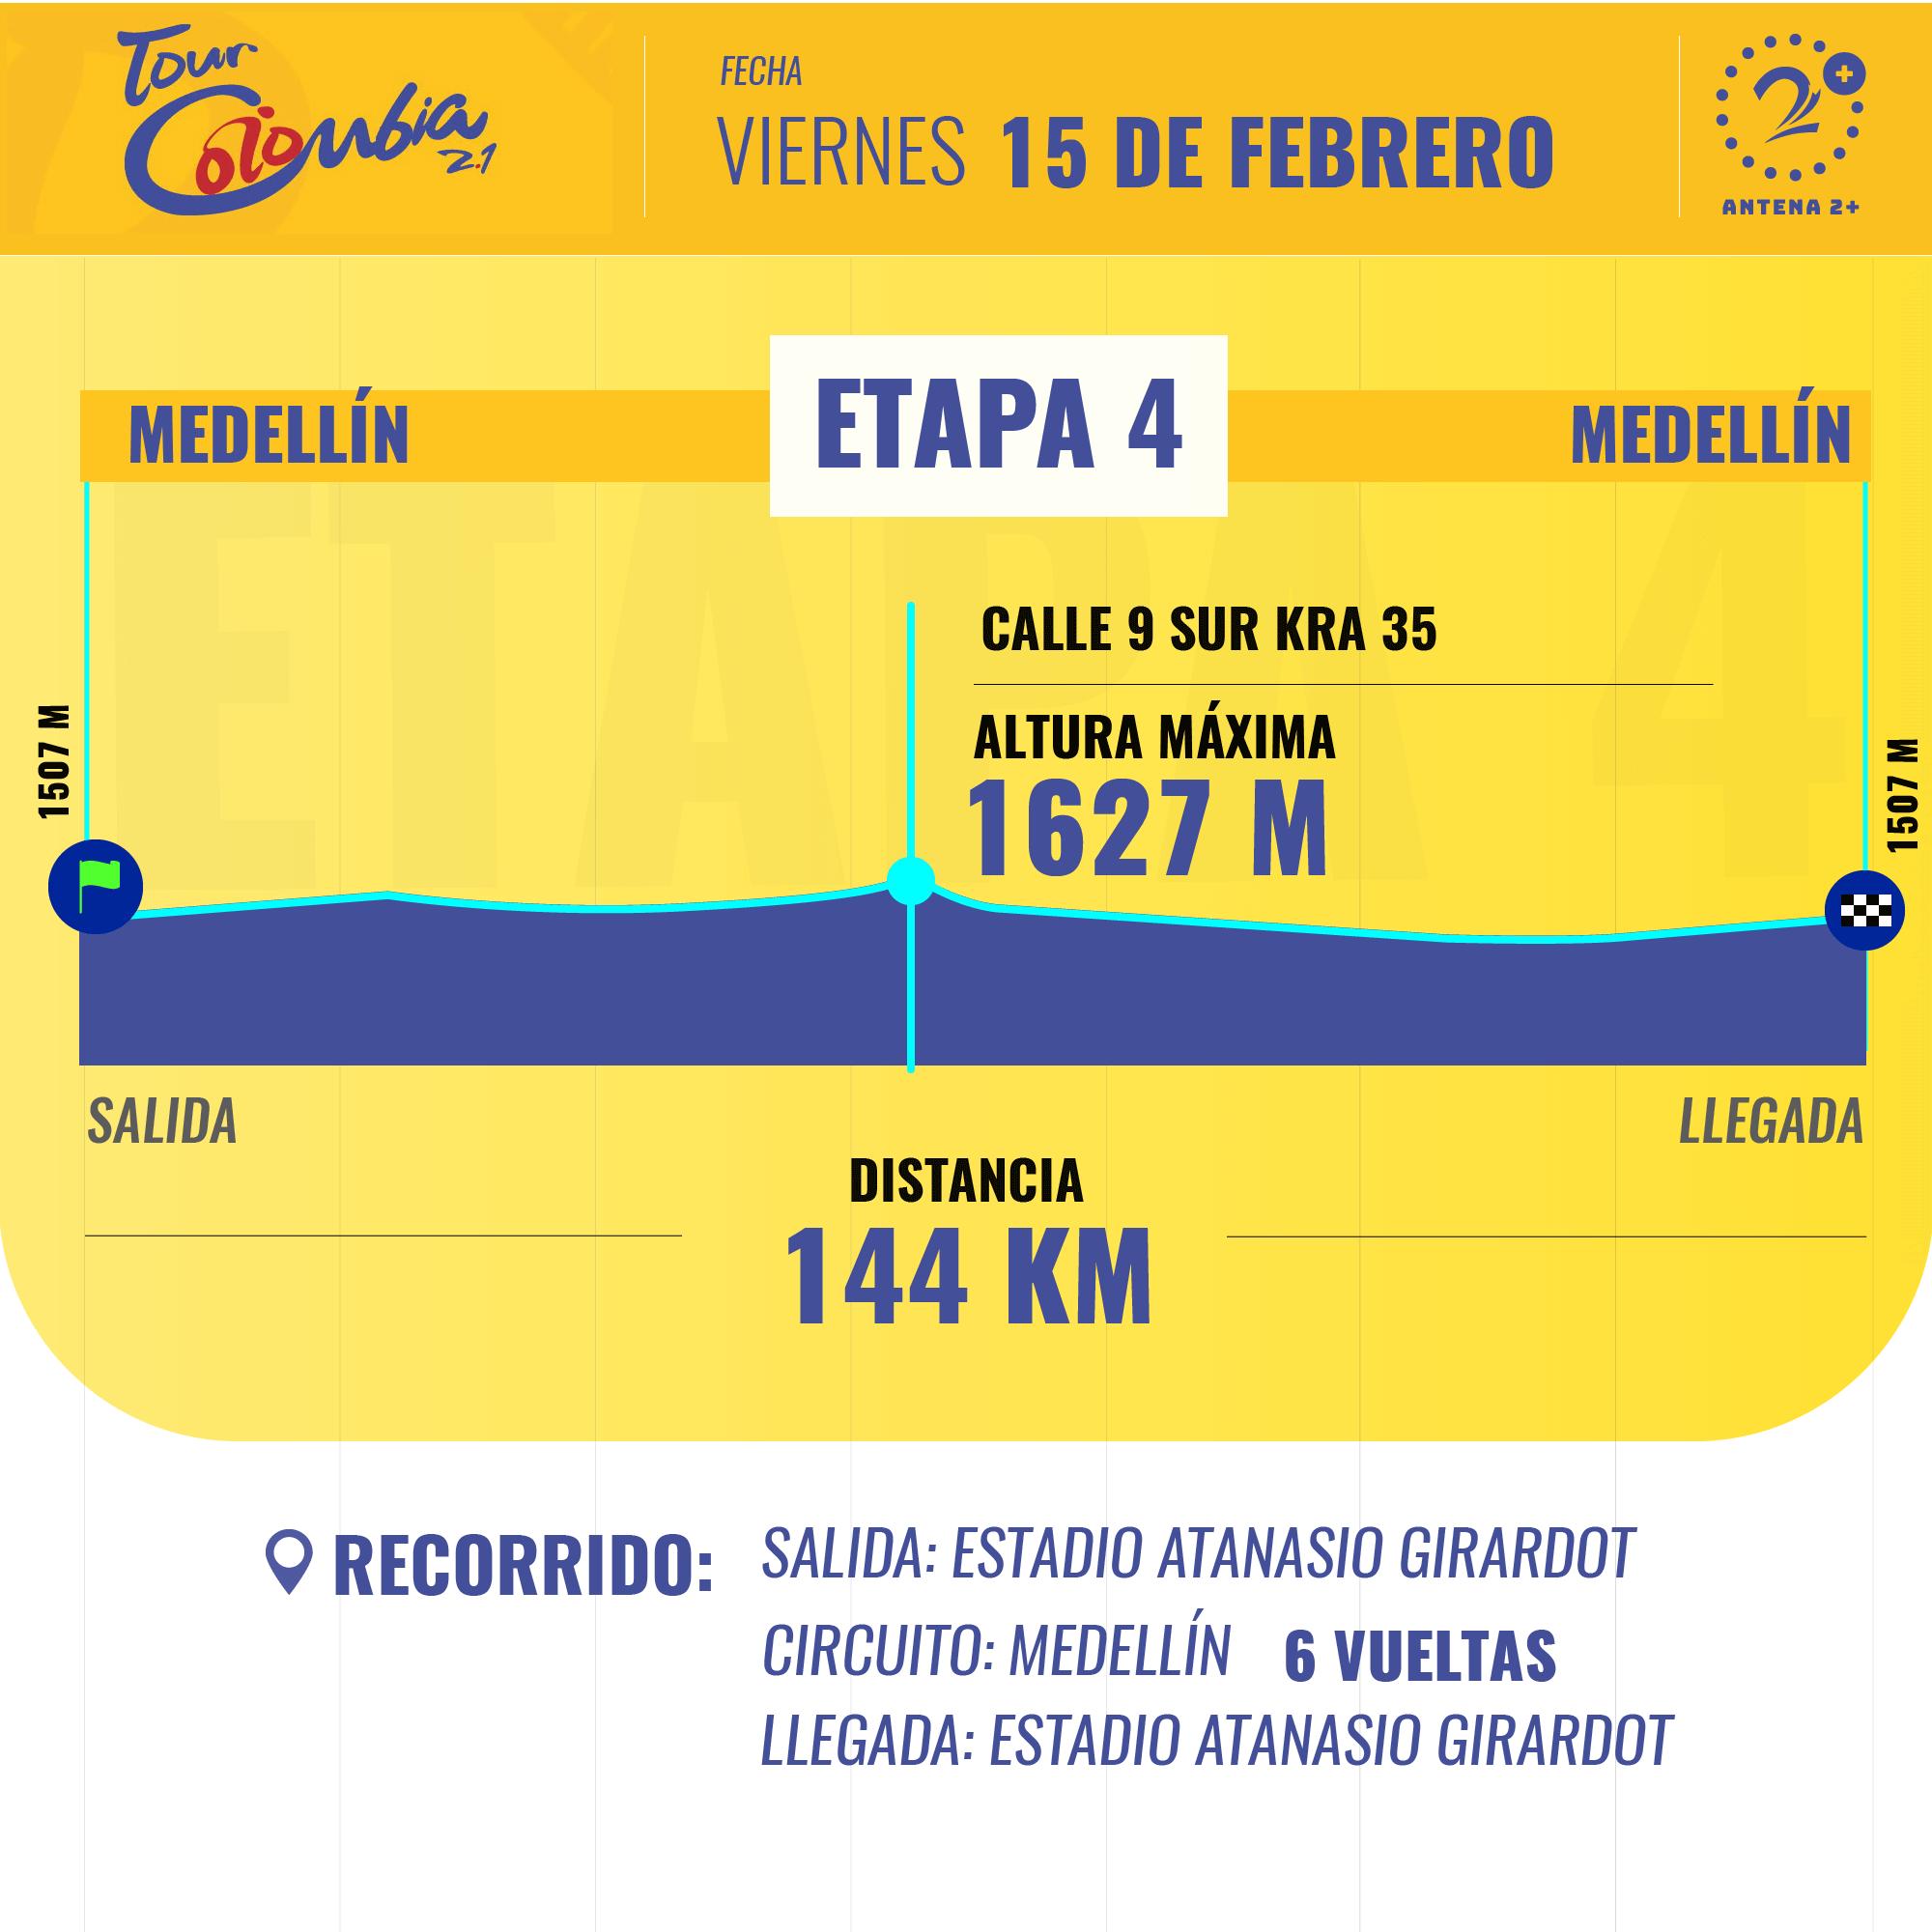 La cuarta etapa del Tour Colombia tendrá llegada sobre terreno llano este viernes.